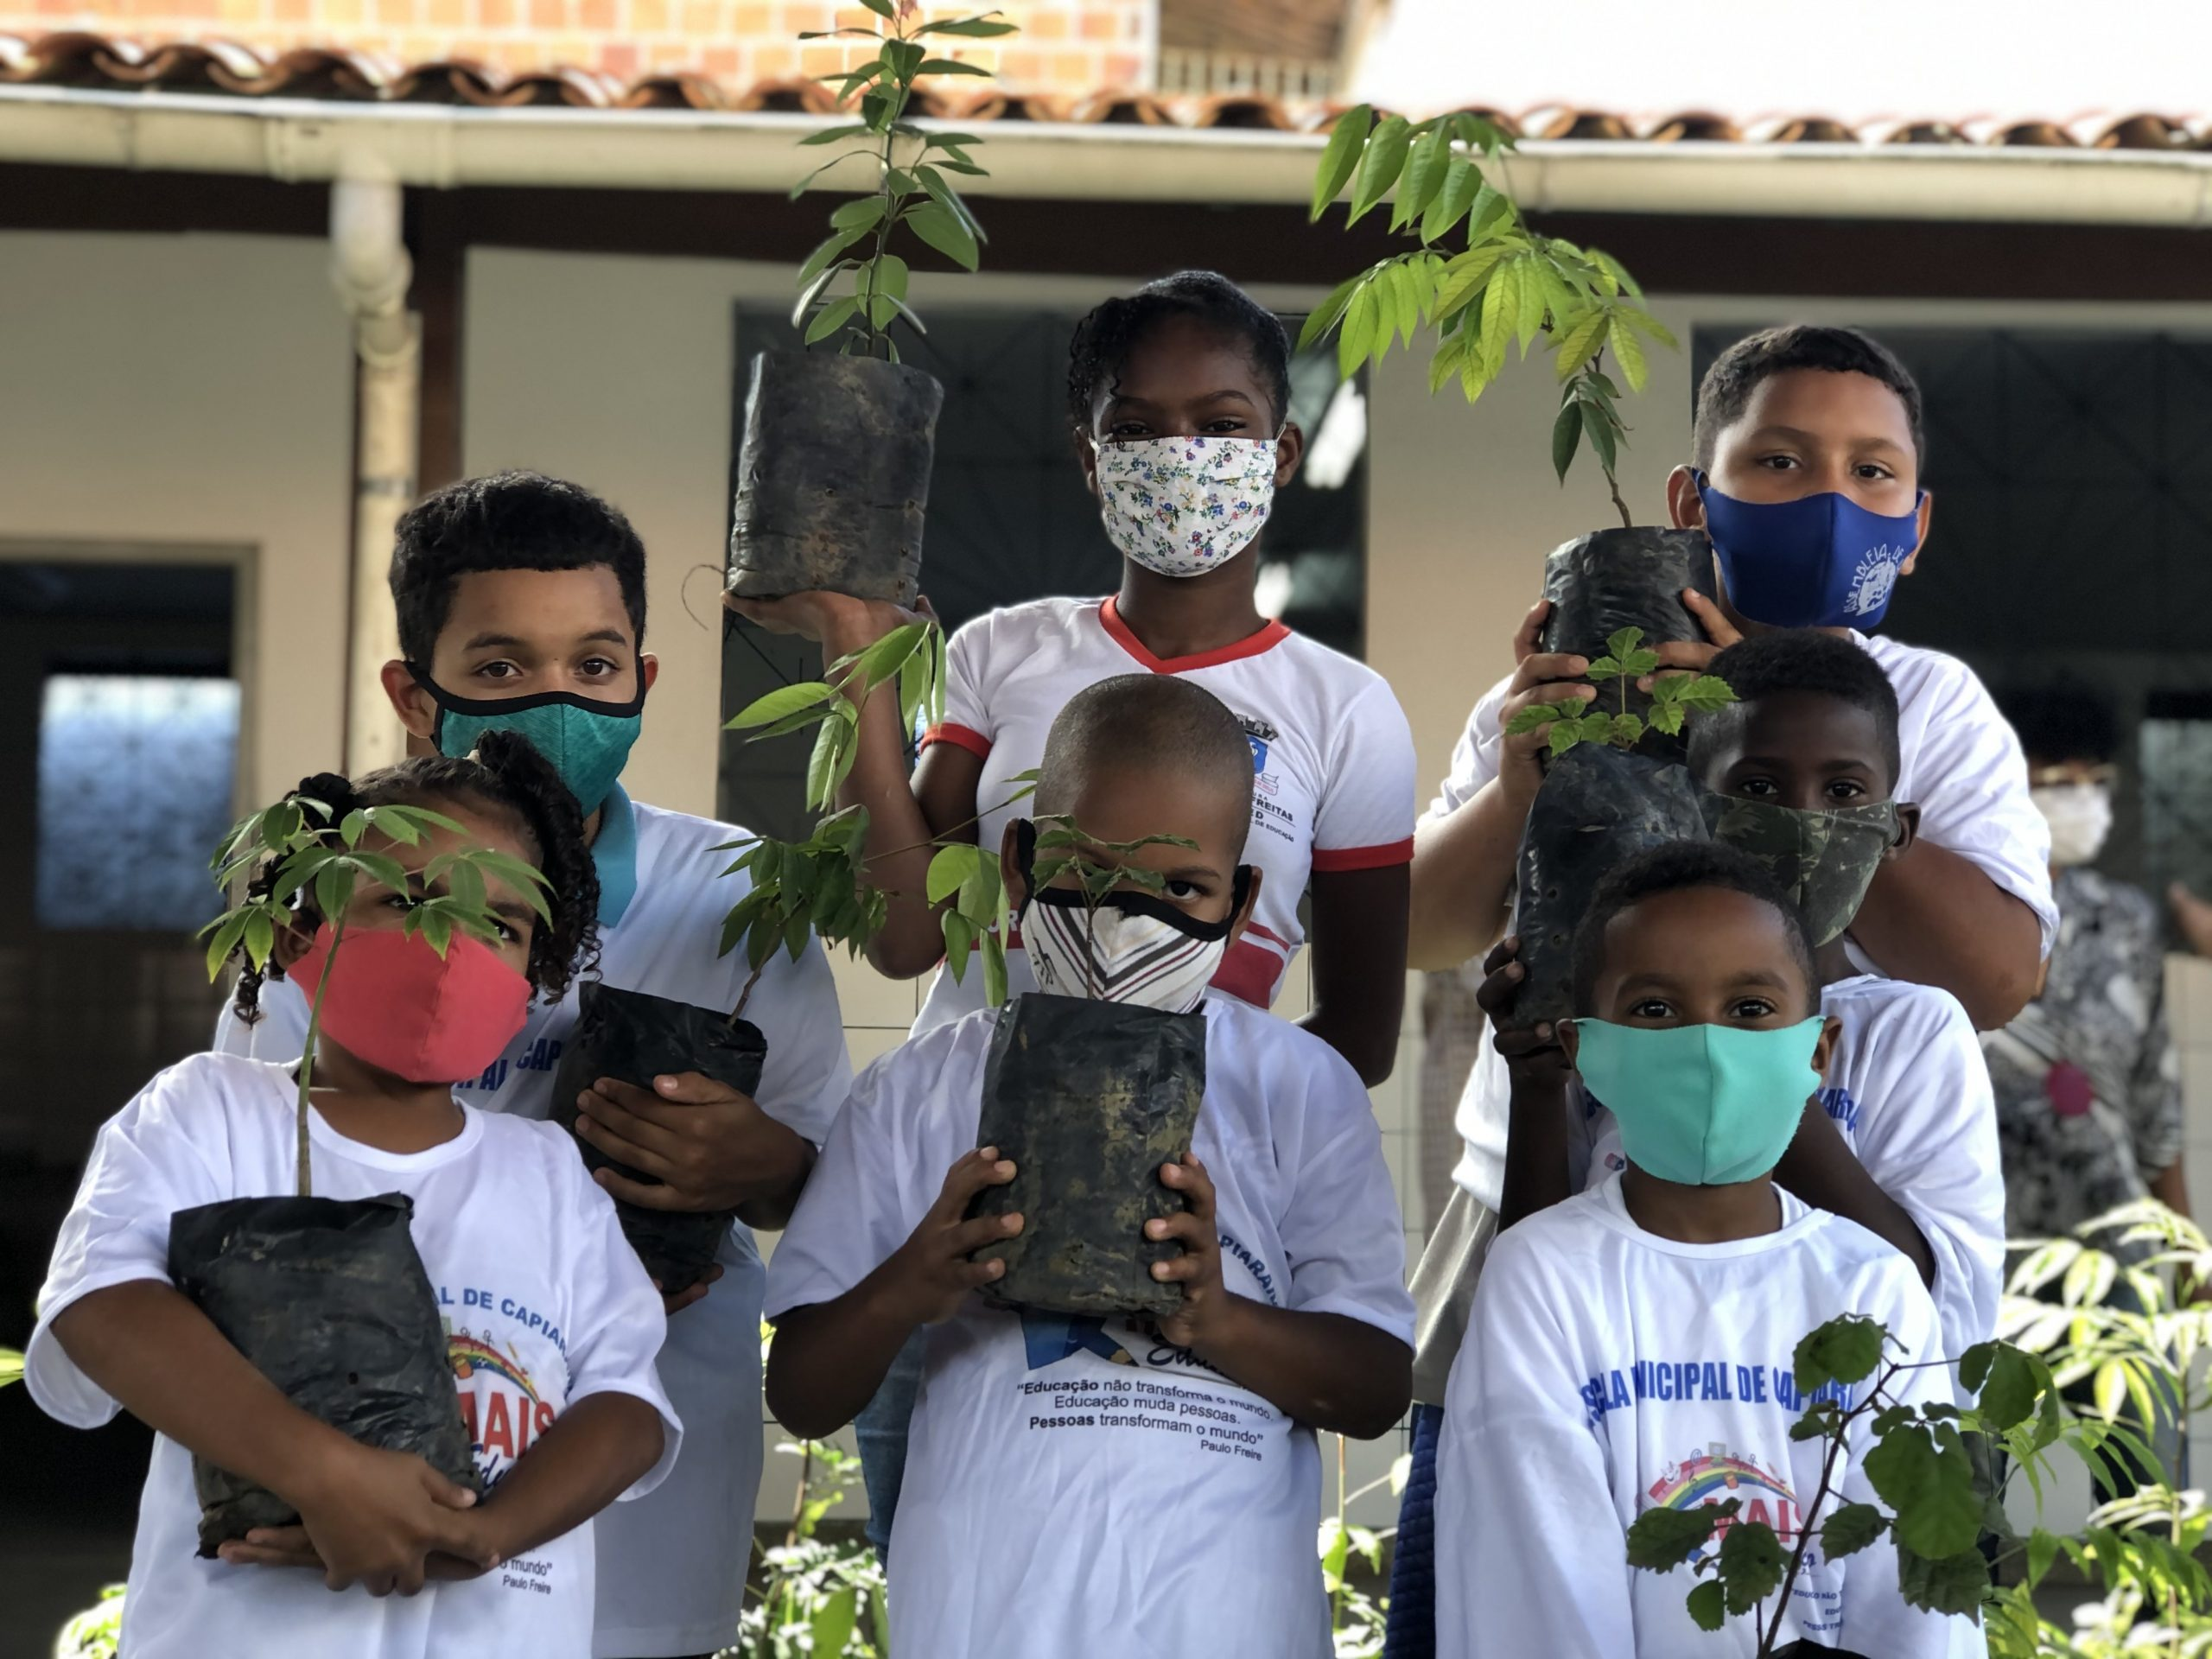 Escola Municipal Capiarara lança projeto para o Dia Mundial do Meio Ambiente